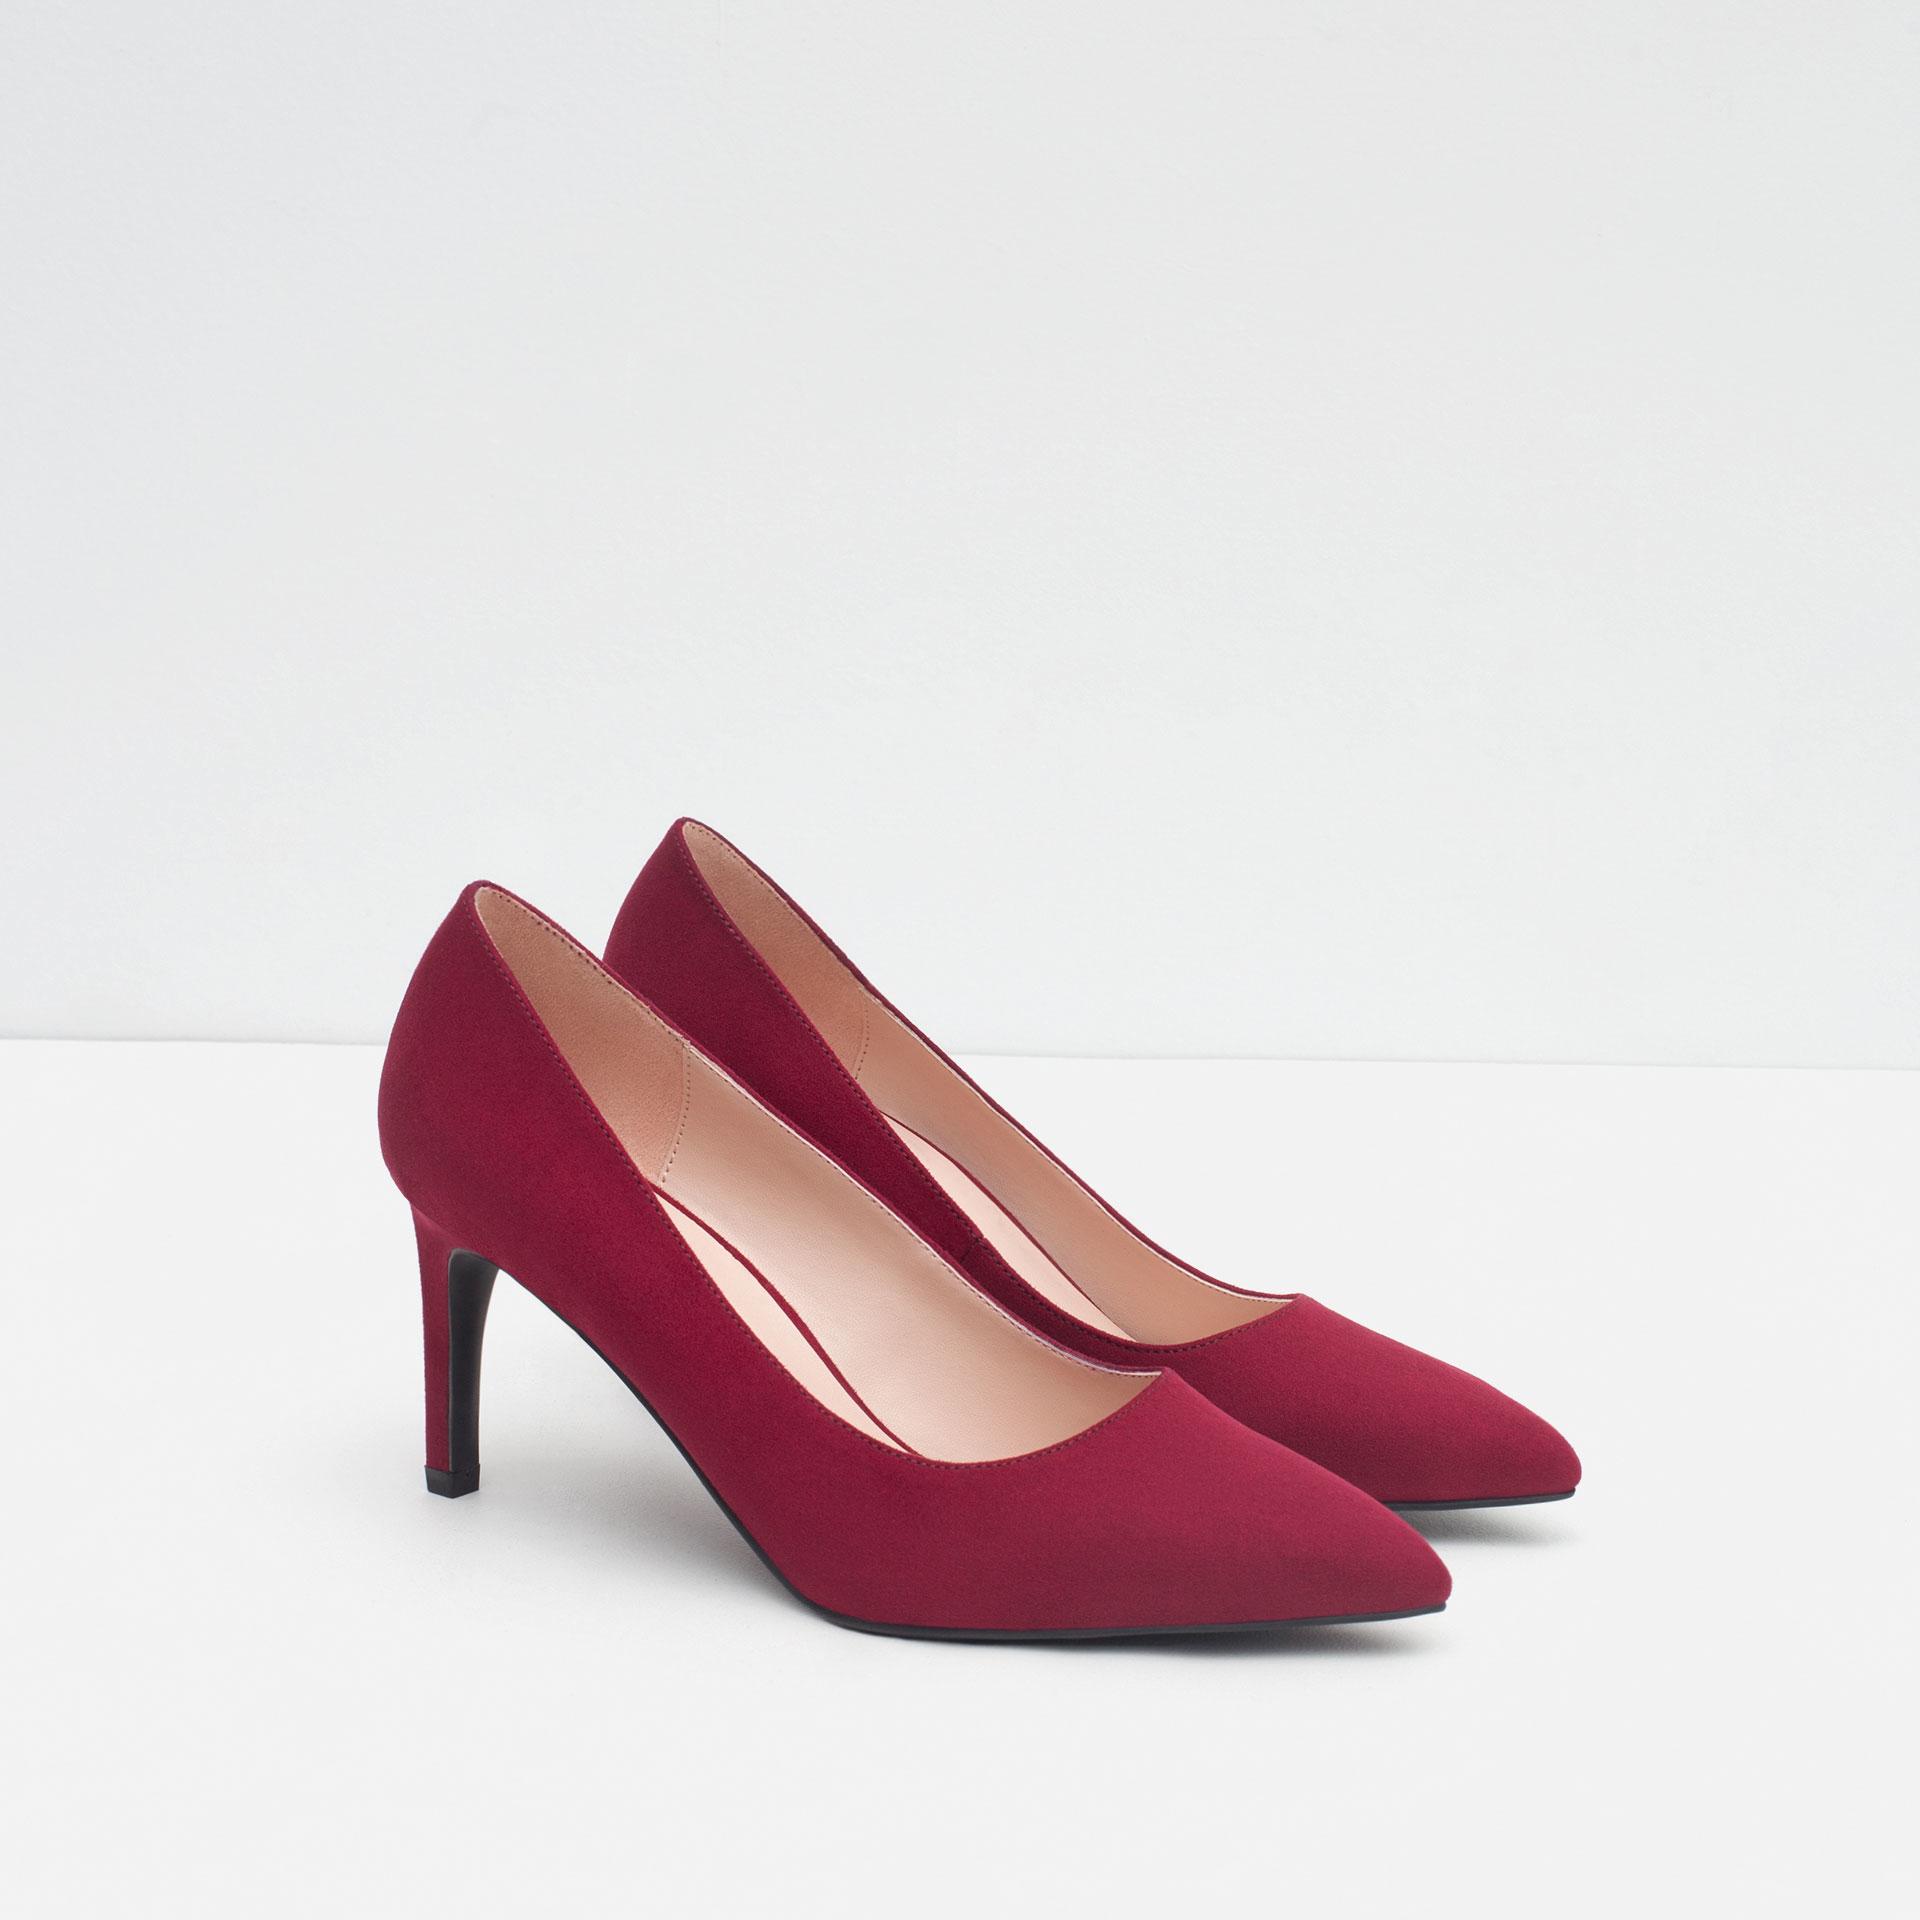 zara high heel court shoes in purple burgundy lyst